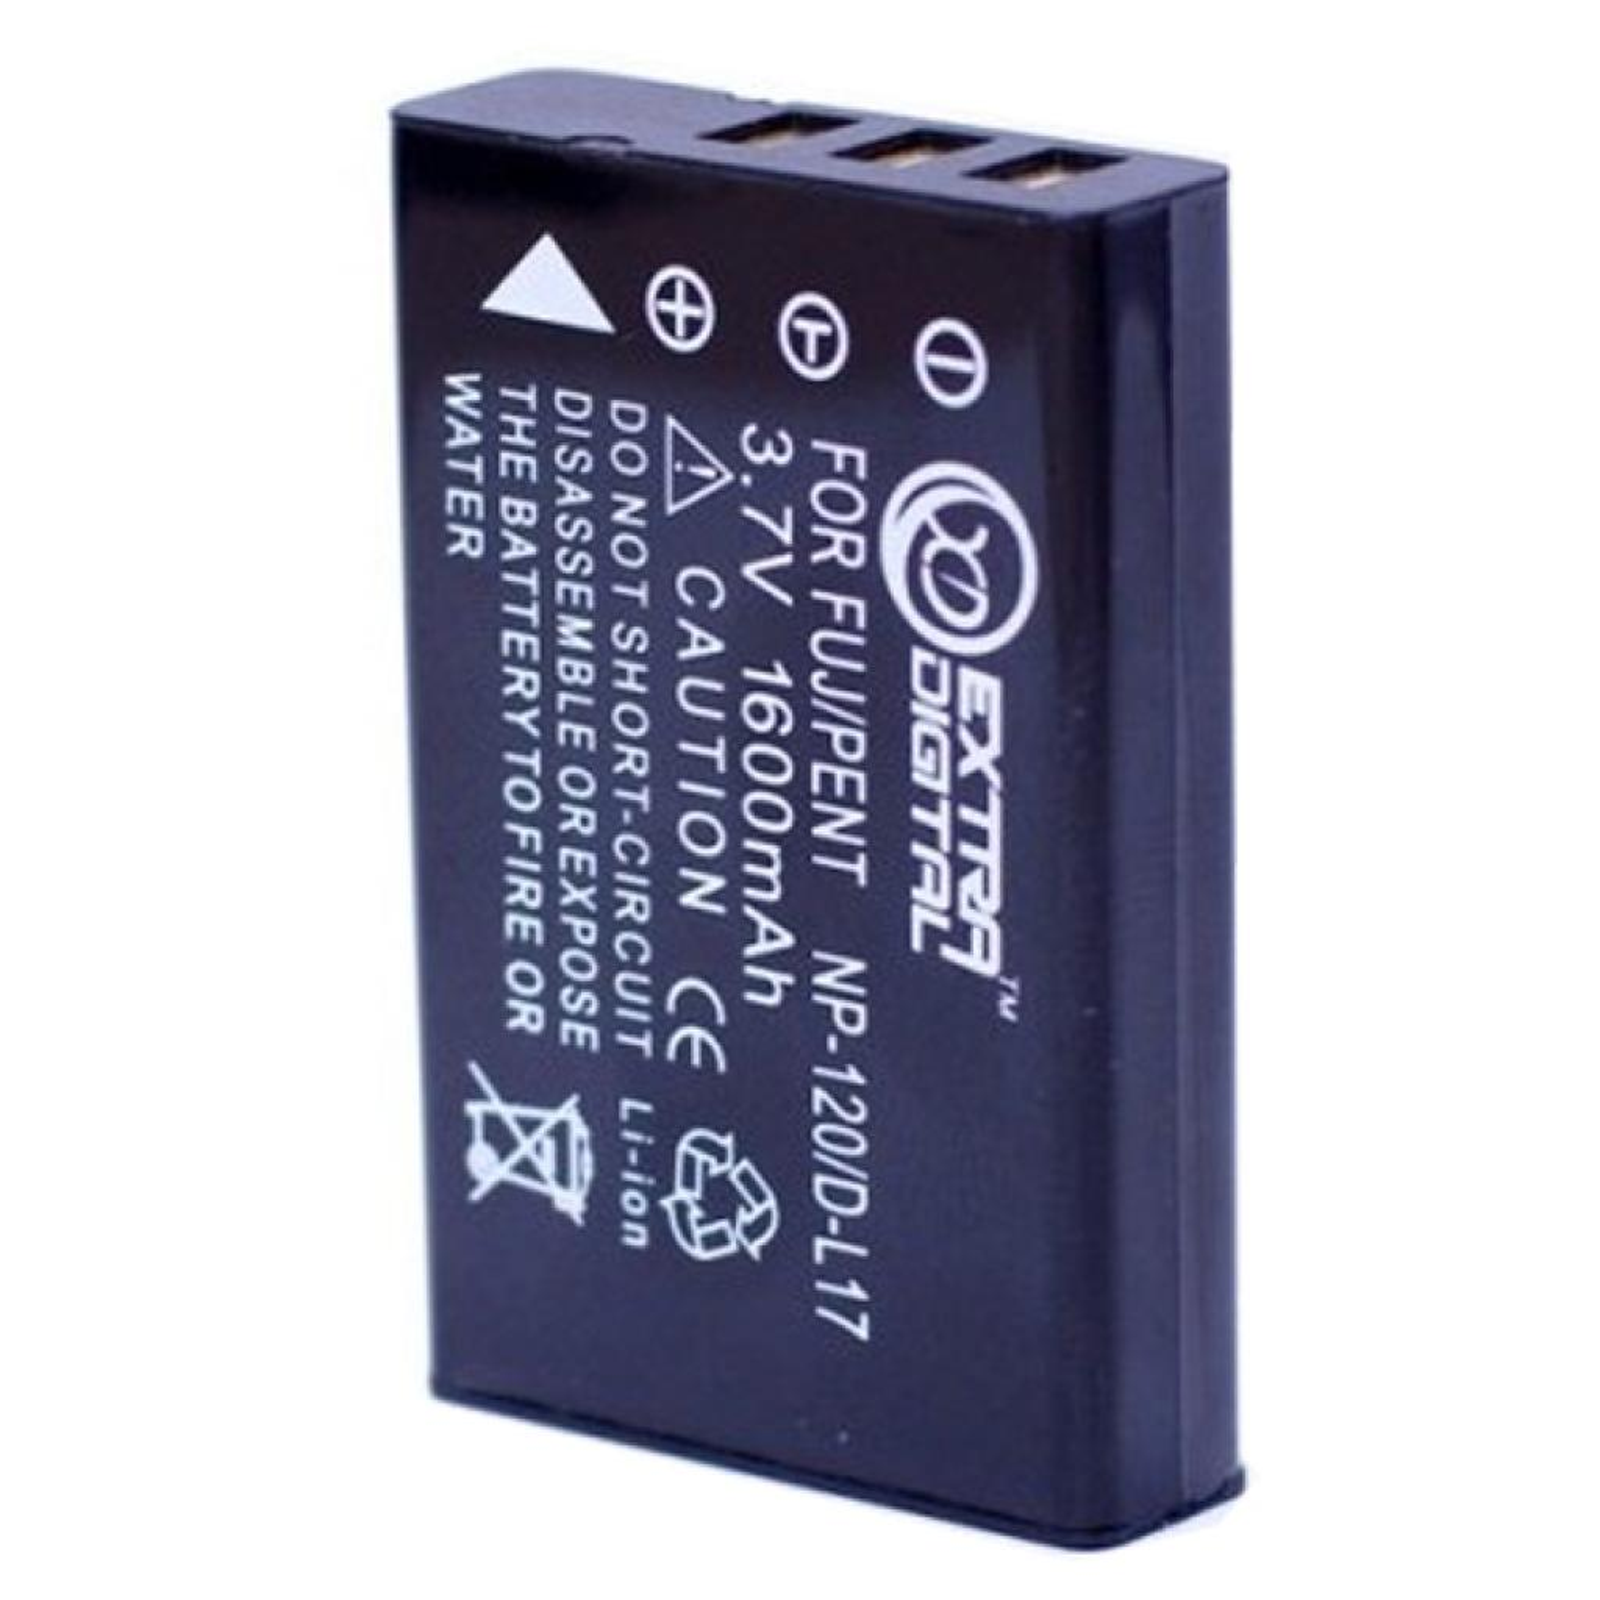 Аккумулятор к фото/видео EXTRADIGITAL Pentax D-LI7 (DV00DV1350) изображение 2